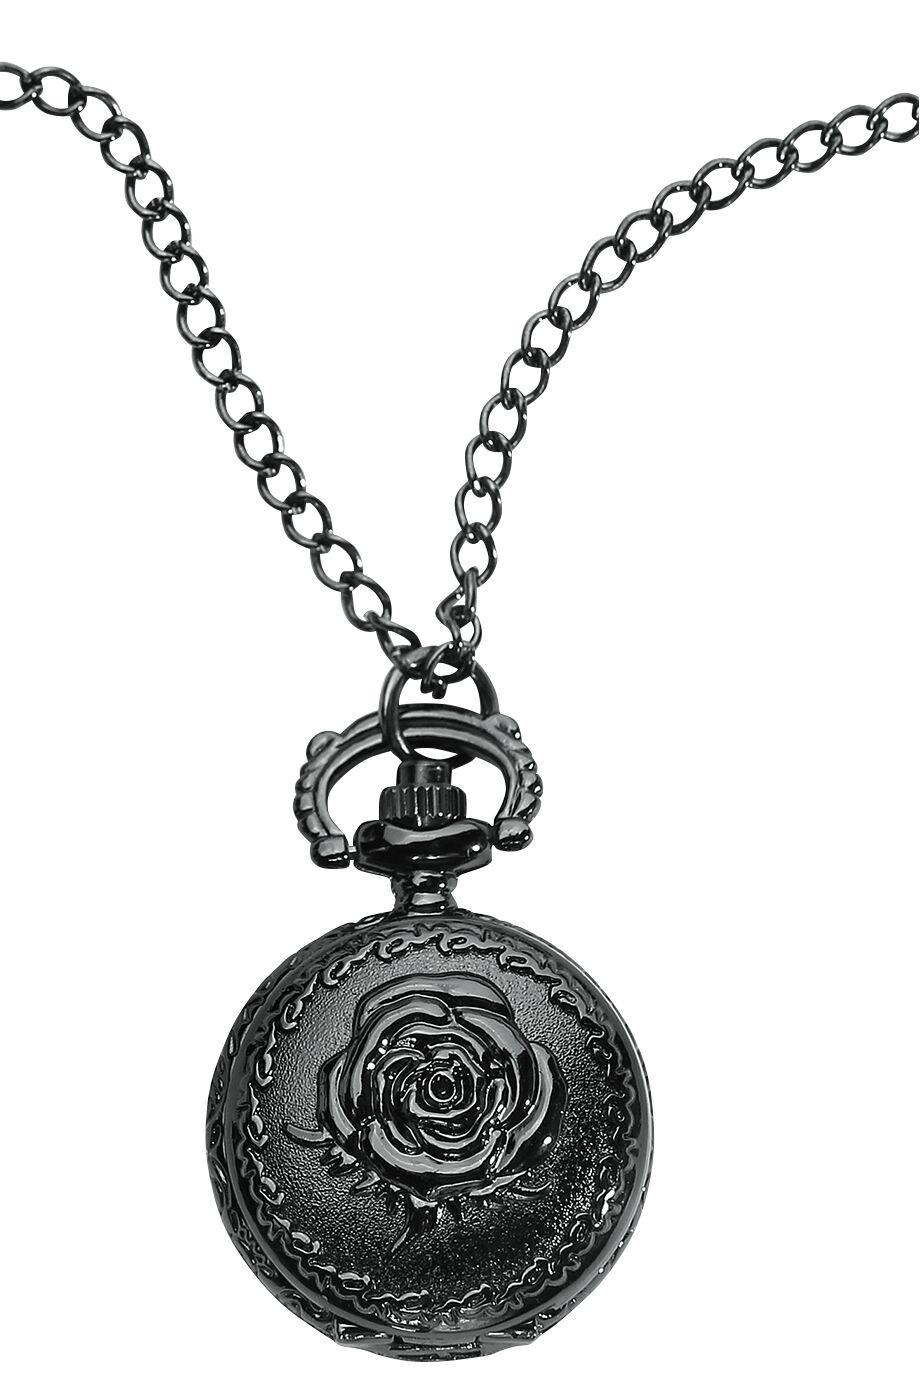 Marki - Zegarki na rękę - Zegarek - Naszyjnik Wildkitten Black Rose Pocket Watch Zegarek - Naszyjnik czarny - 372442